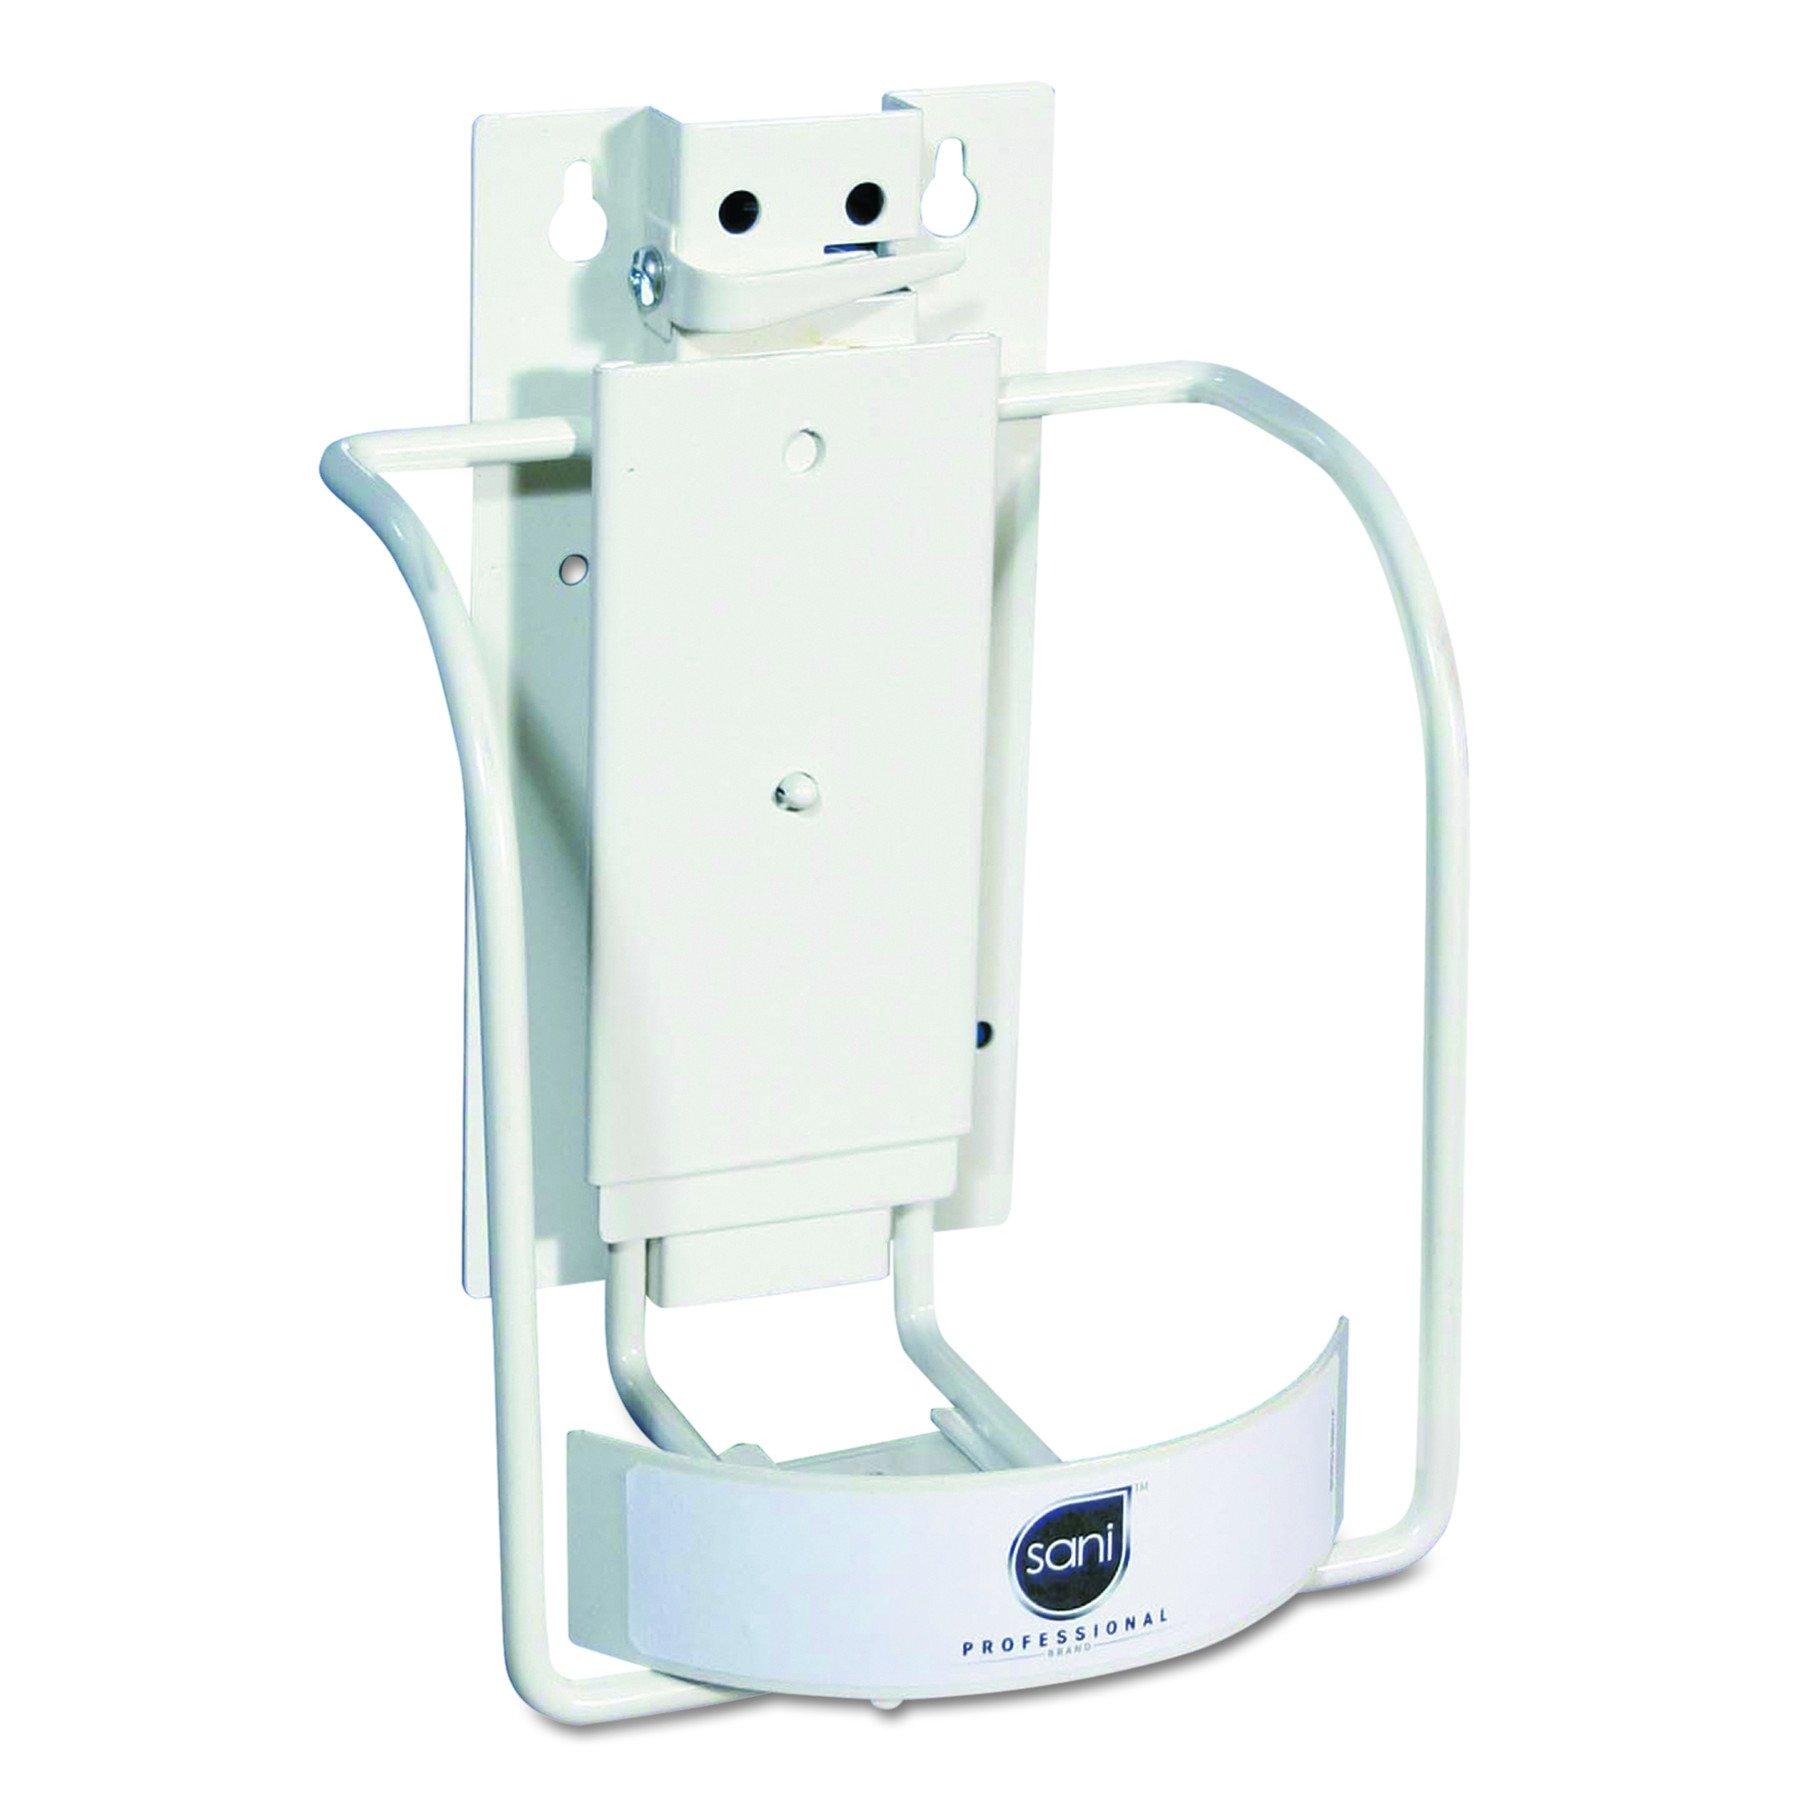 Sani Professional P010801 Universal 3-in-1 Sani-Bracket, Plastic/Vinyl-Coated Wire, 8''H x 6-1/2''W x 7''L